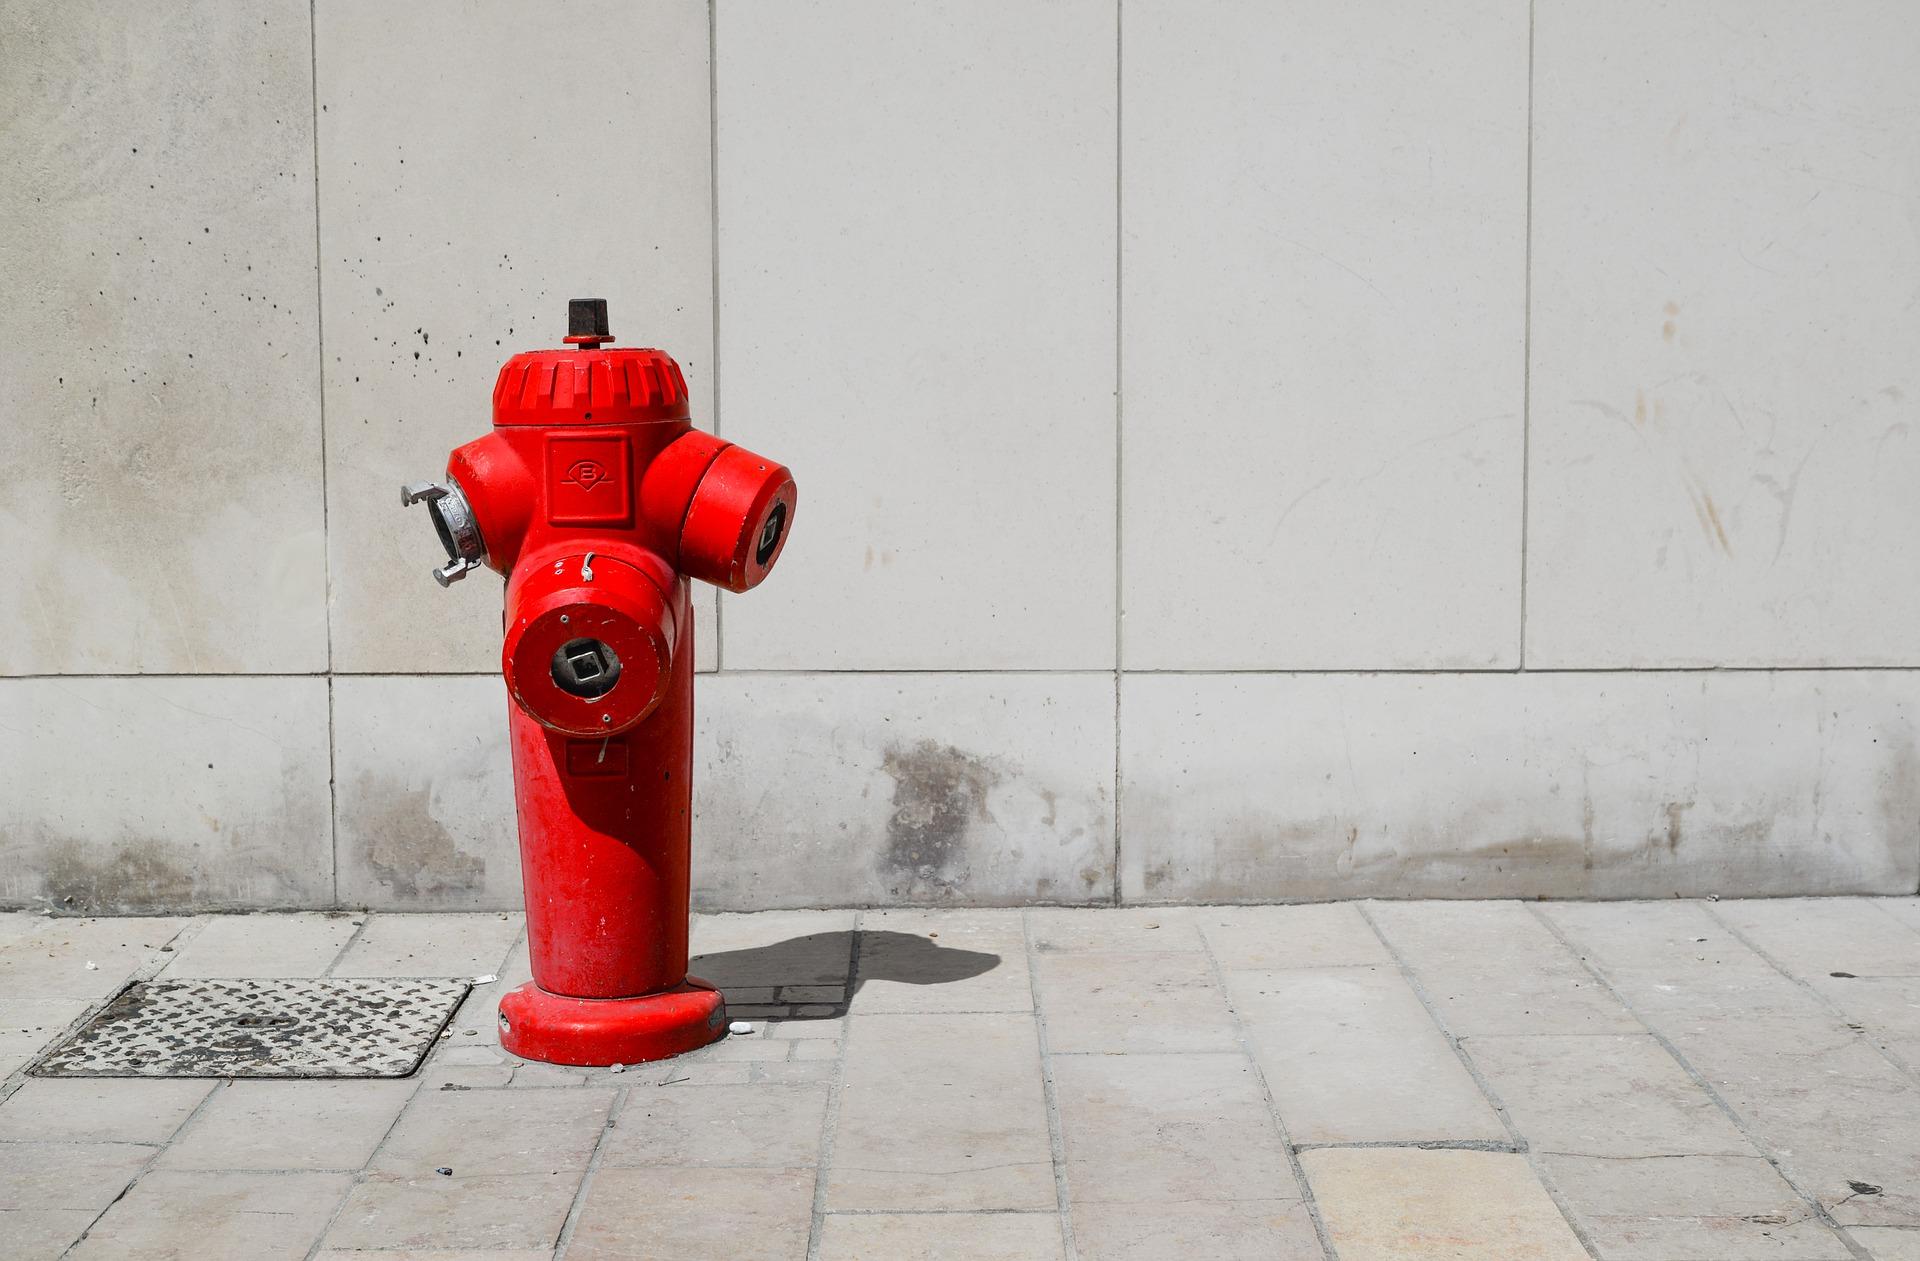 Ilustracja do informacji: Ogłoszenie o niekorzystaniu z hydrantów przeciwpożarowych